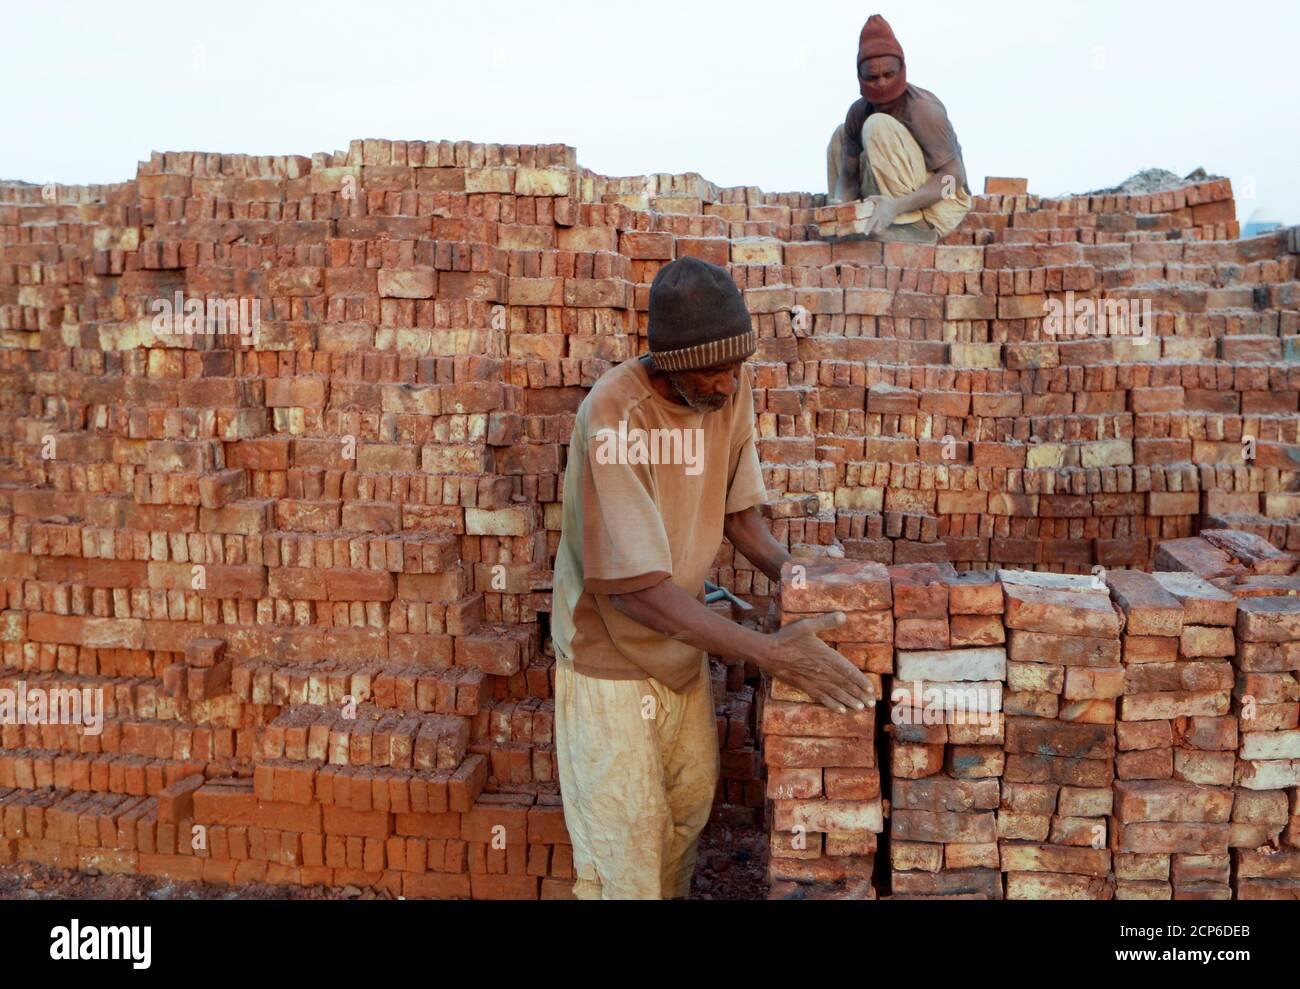 """Mustapha, de 60 años, una fábrica de ladrillos, acumula ladrillos después de retirarlos de un horno en una fábrica al aire libre en la isla Tuti, Jartum, Sudán, 20 de febrero de 2020. """"Me temo que no ganaremos ninguna ventaja de la presa que Etiopía está construyendo. No soy un experto pero creo que la cantidad de agua así como el barro disminuirá. Normalmente obtuvimos el barro cuando el Nilo se desborda"""", dijo Mustapha. REUTERS/Zohra Bensemra BUSCA 'BENSEMRA NILE' PARA ESTA HISTORIA. BUSQUE """"IMAGEN MÁS AMPLIA"""" PARA TODAS LAS HISTORIAS. Foto de stock"""